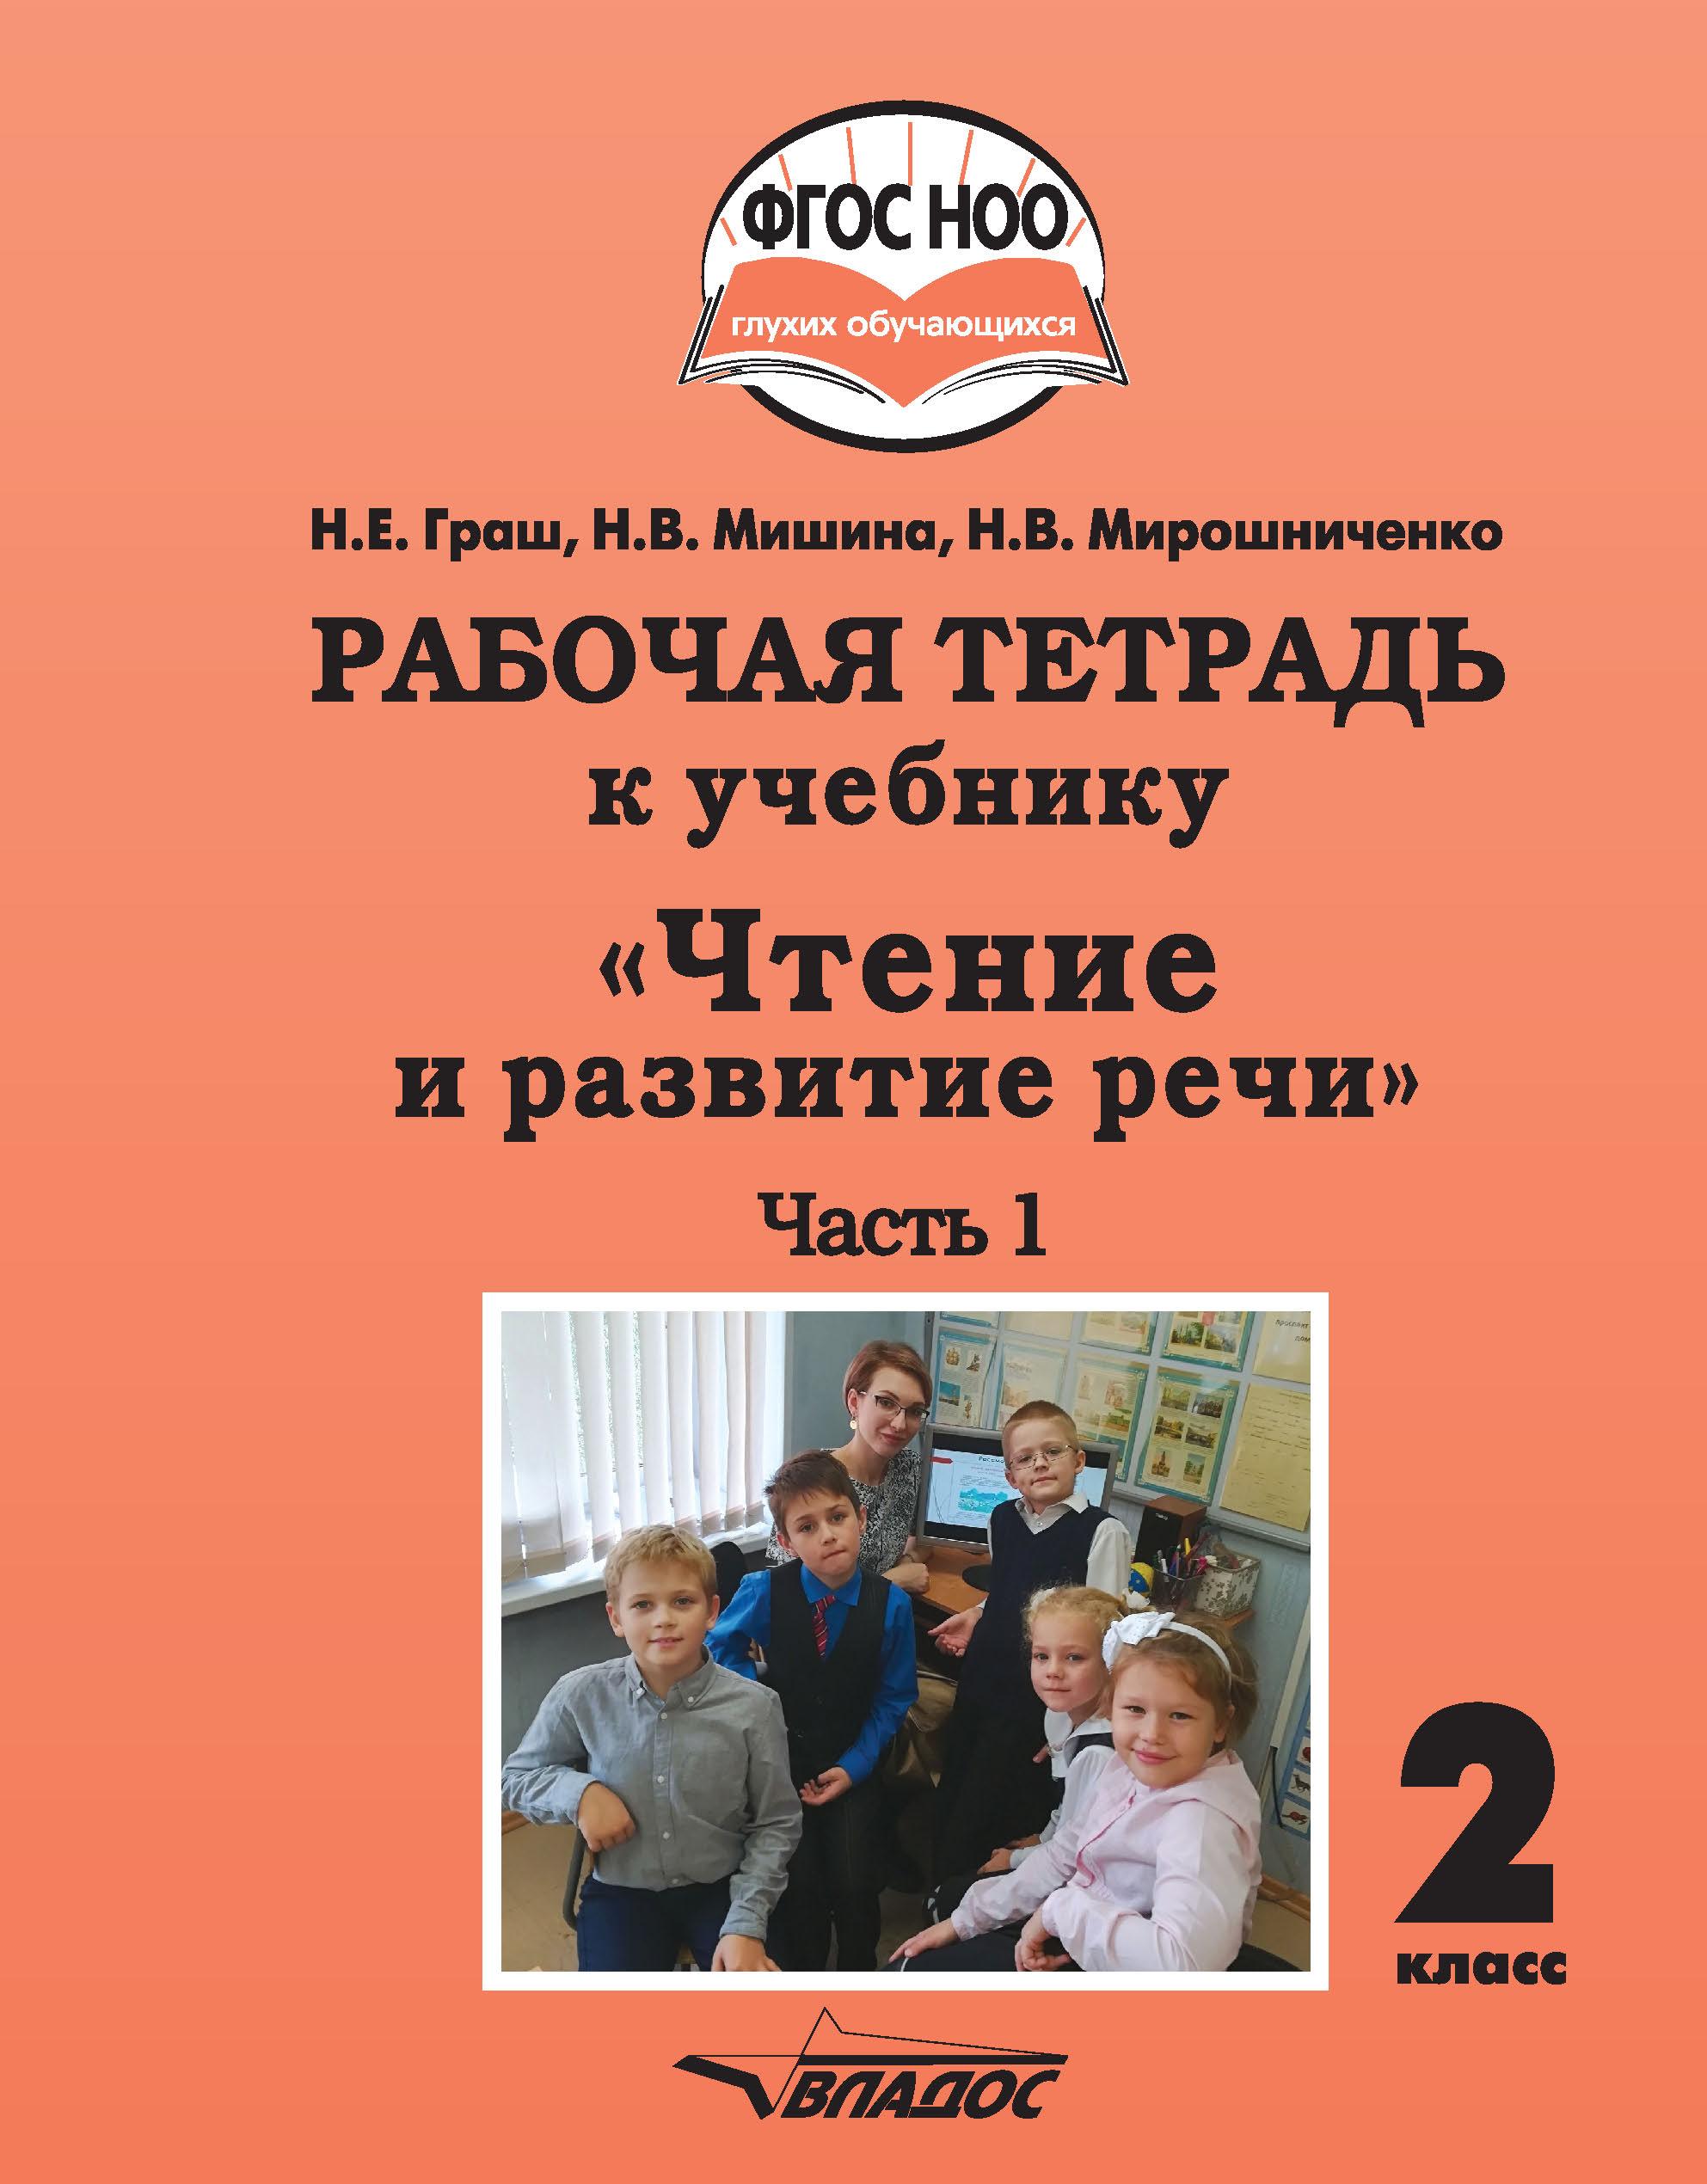 Рабочая тетрадь к учебнику «Чтение и развитие речи». 2 класс. Часть 1 ( Н. В. Мирошниченко  )